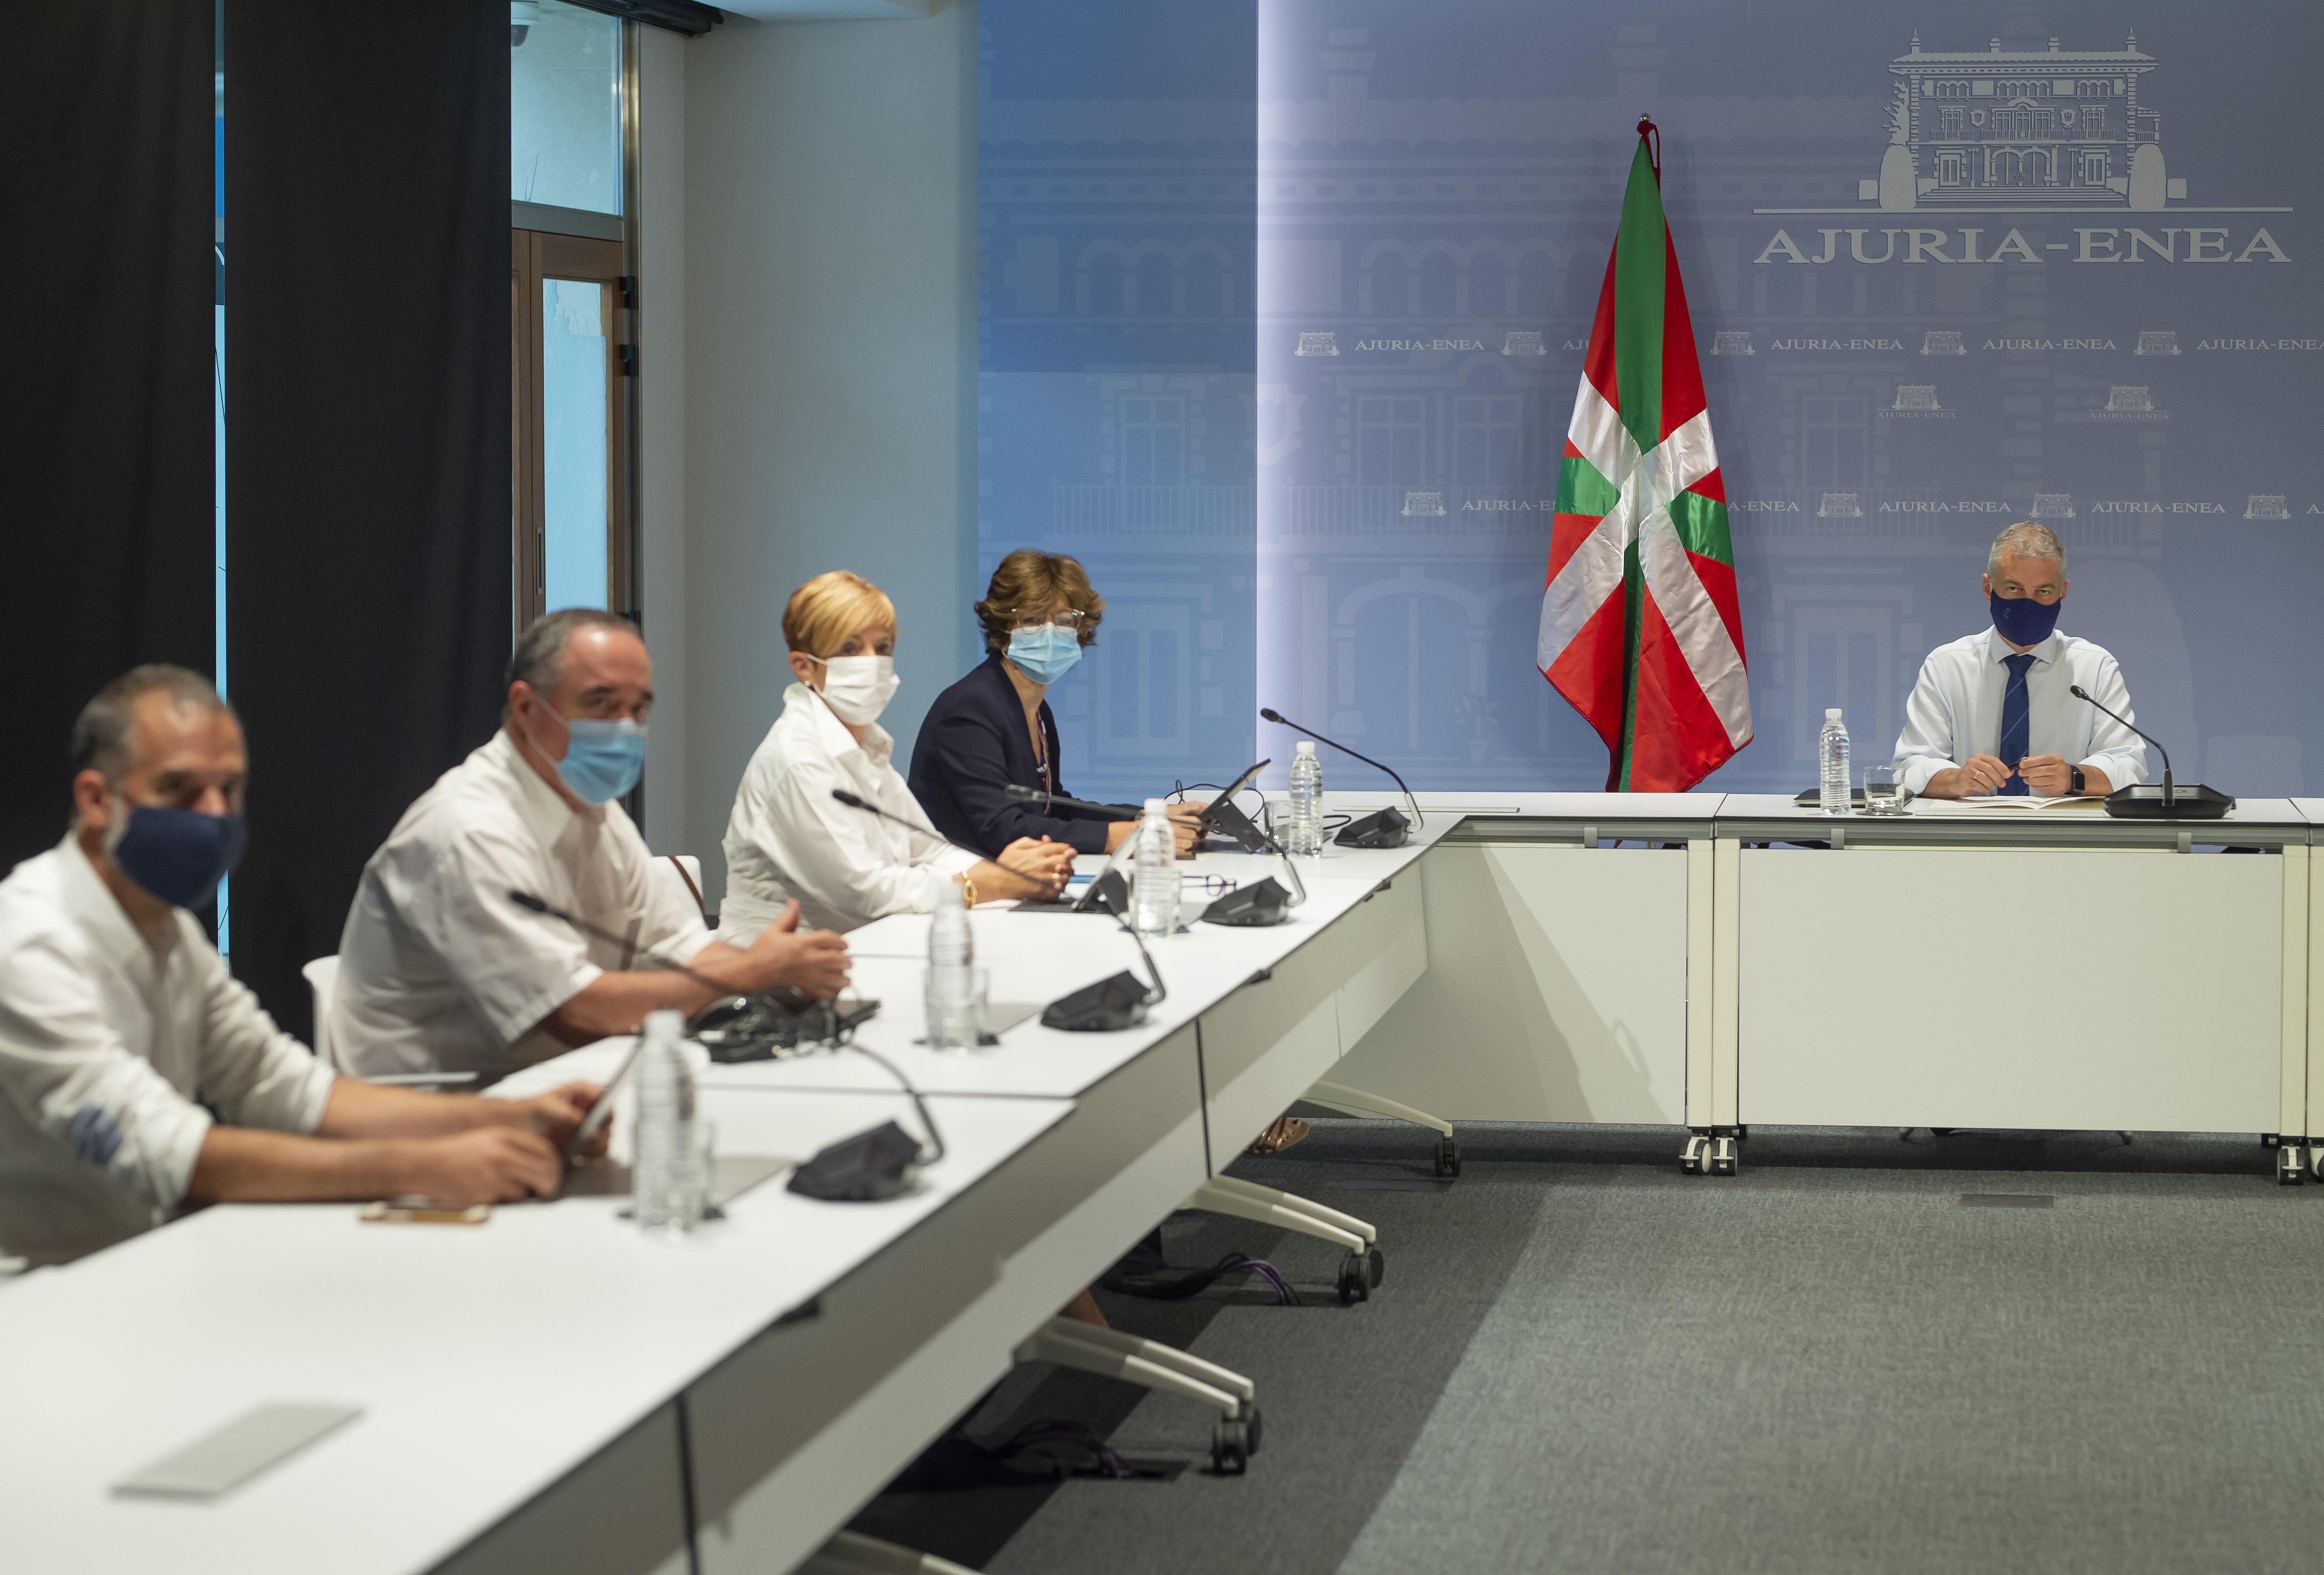 El Lehendakari preside la reunión de la comisión de seguimiento del Covid-19 para analizar la situación epidemiológica [0:00]